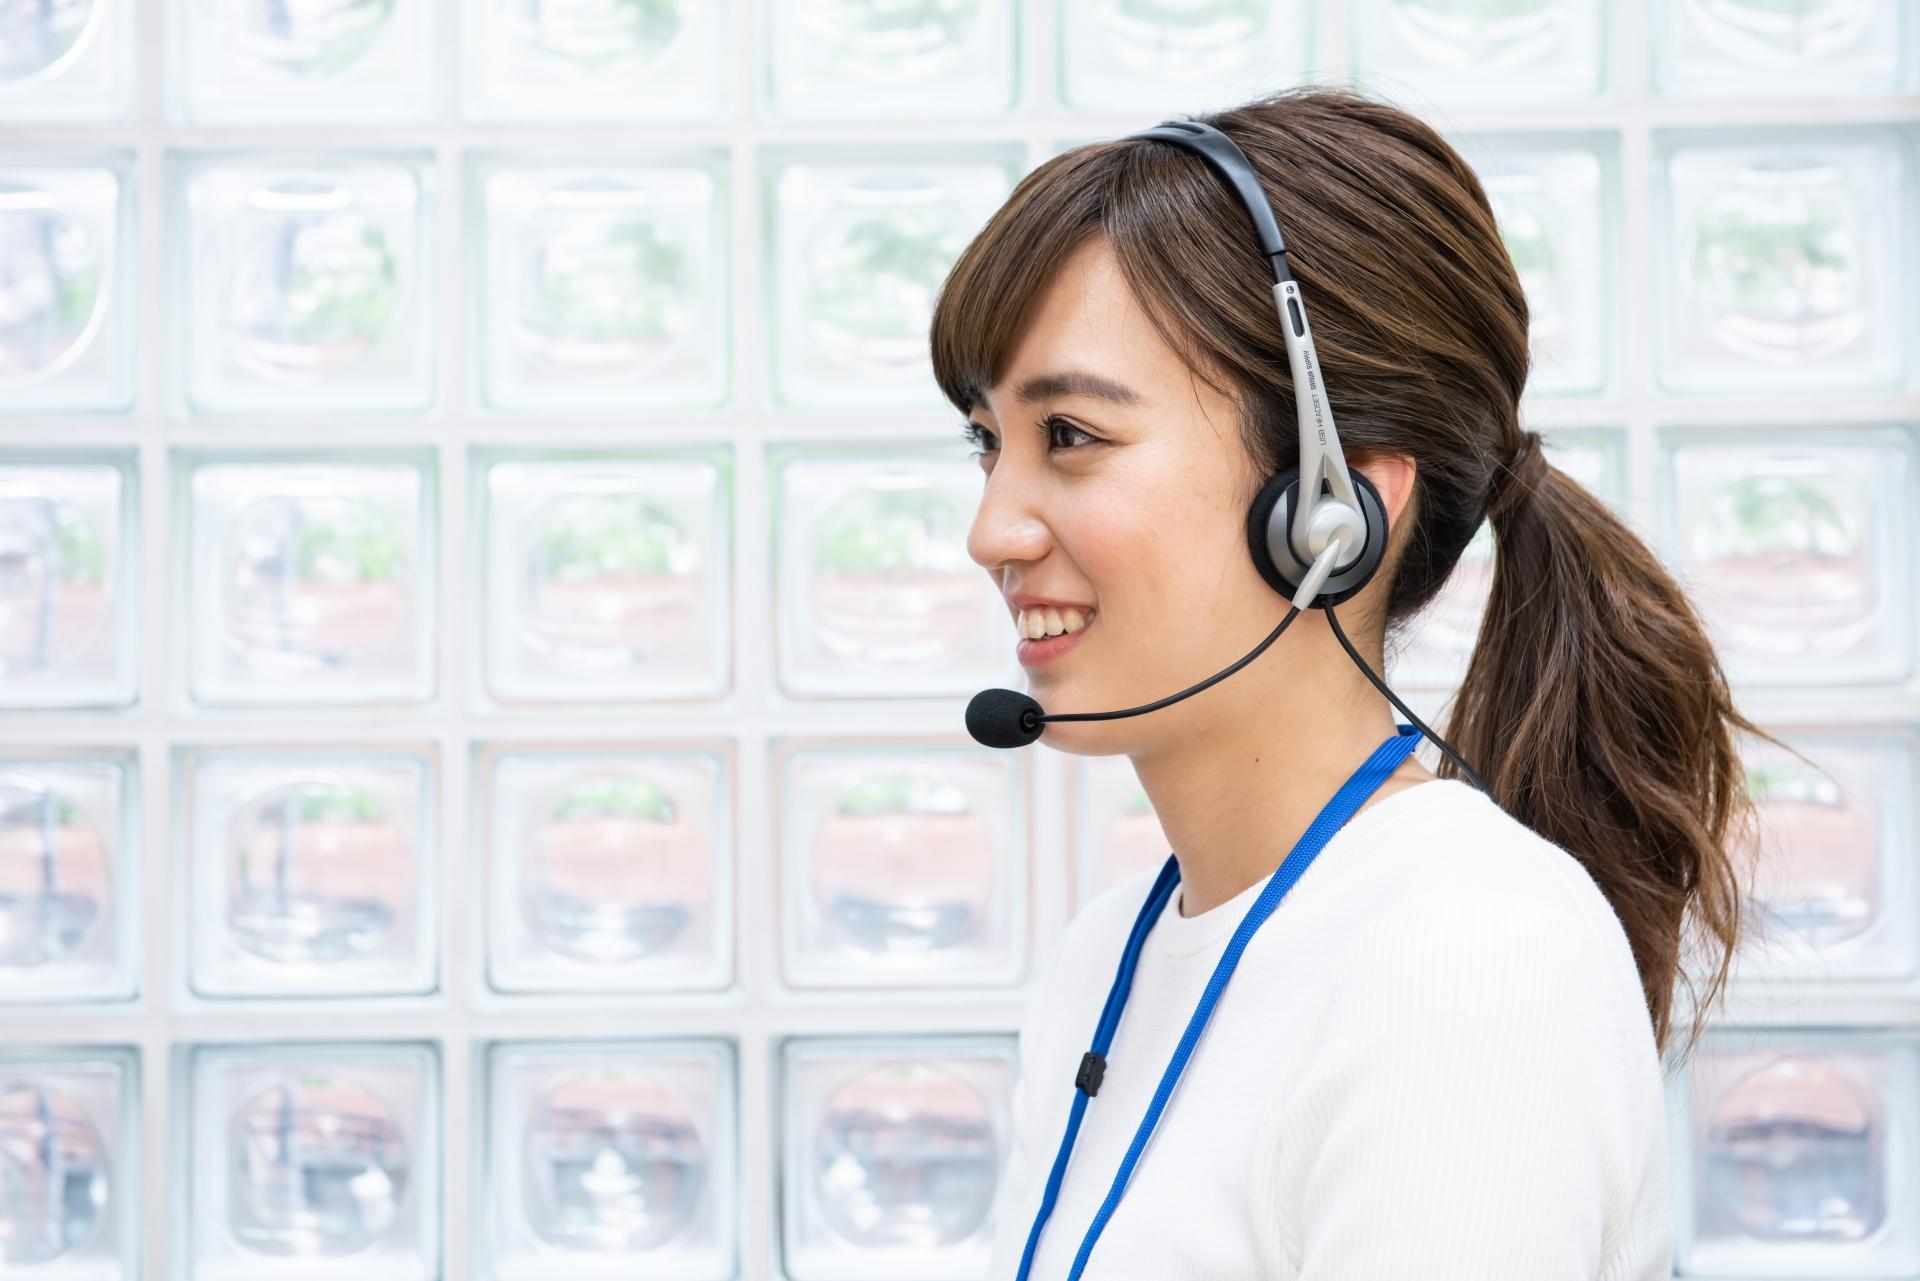 コールセンター発信は想像以上にきつい仕事。精神的に辛い仕事内容とは。